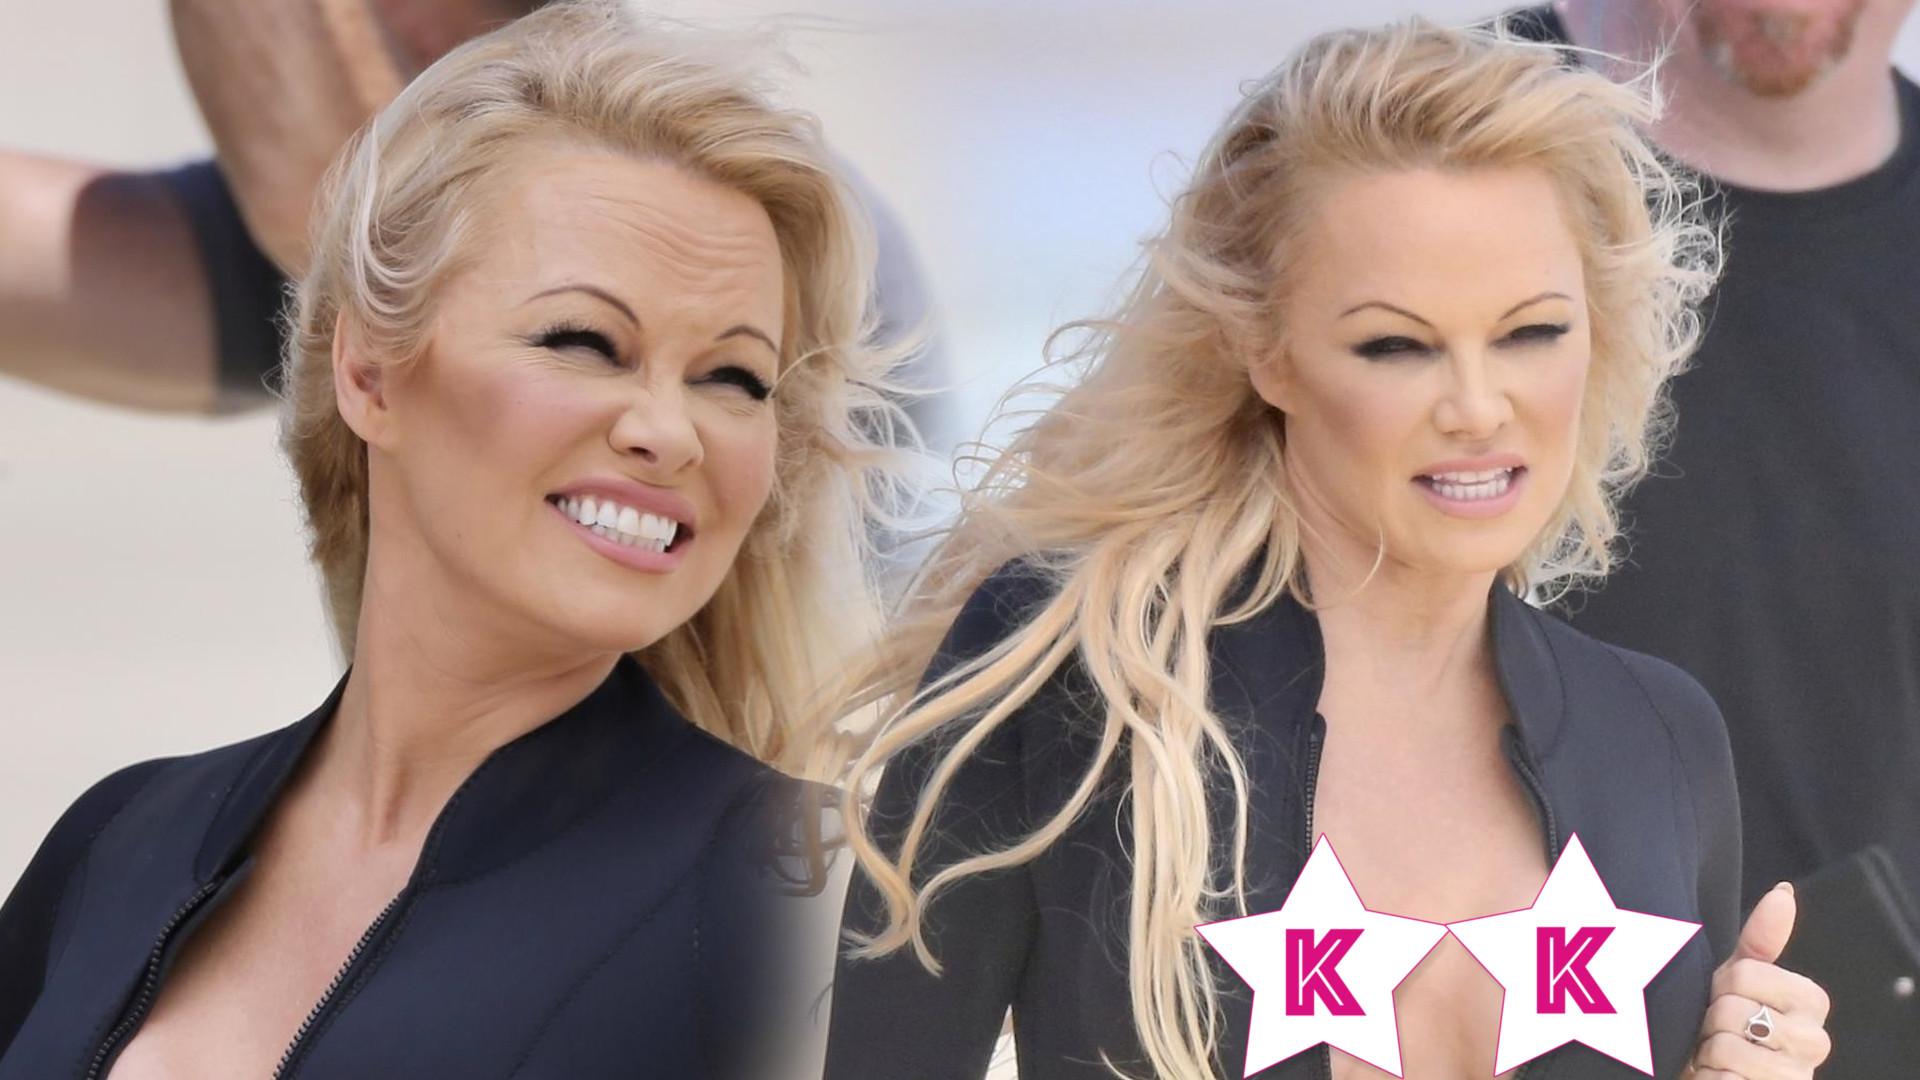 52-letnia Pamela Anderson ma buzię jak 30-latka! A jak wygląda figura byłej modelki Playboya? Sami zobaczcie! (ZDJĘCIA)